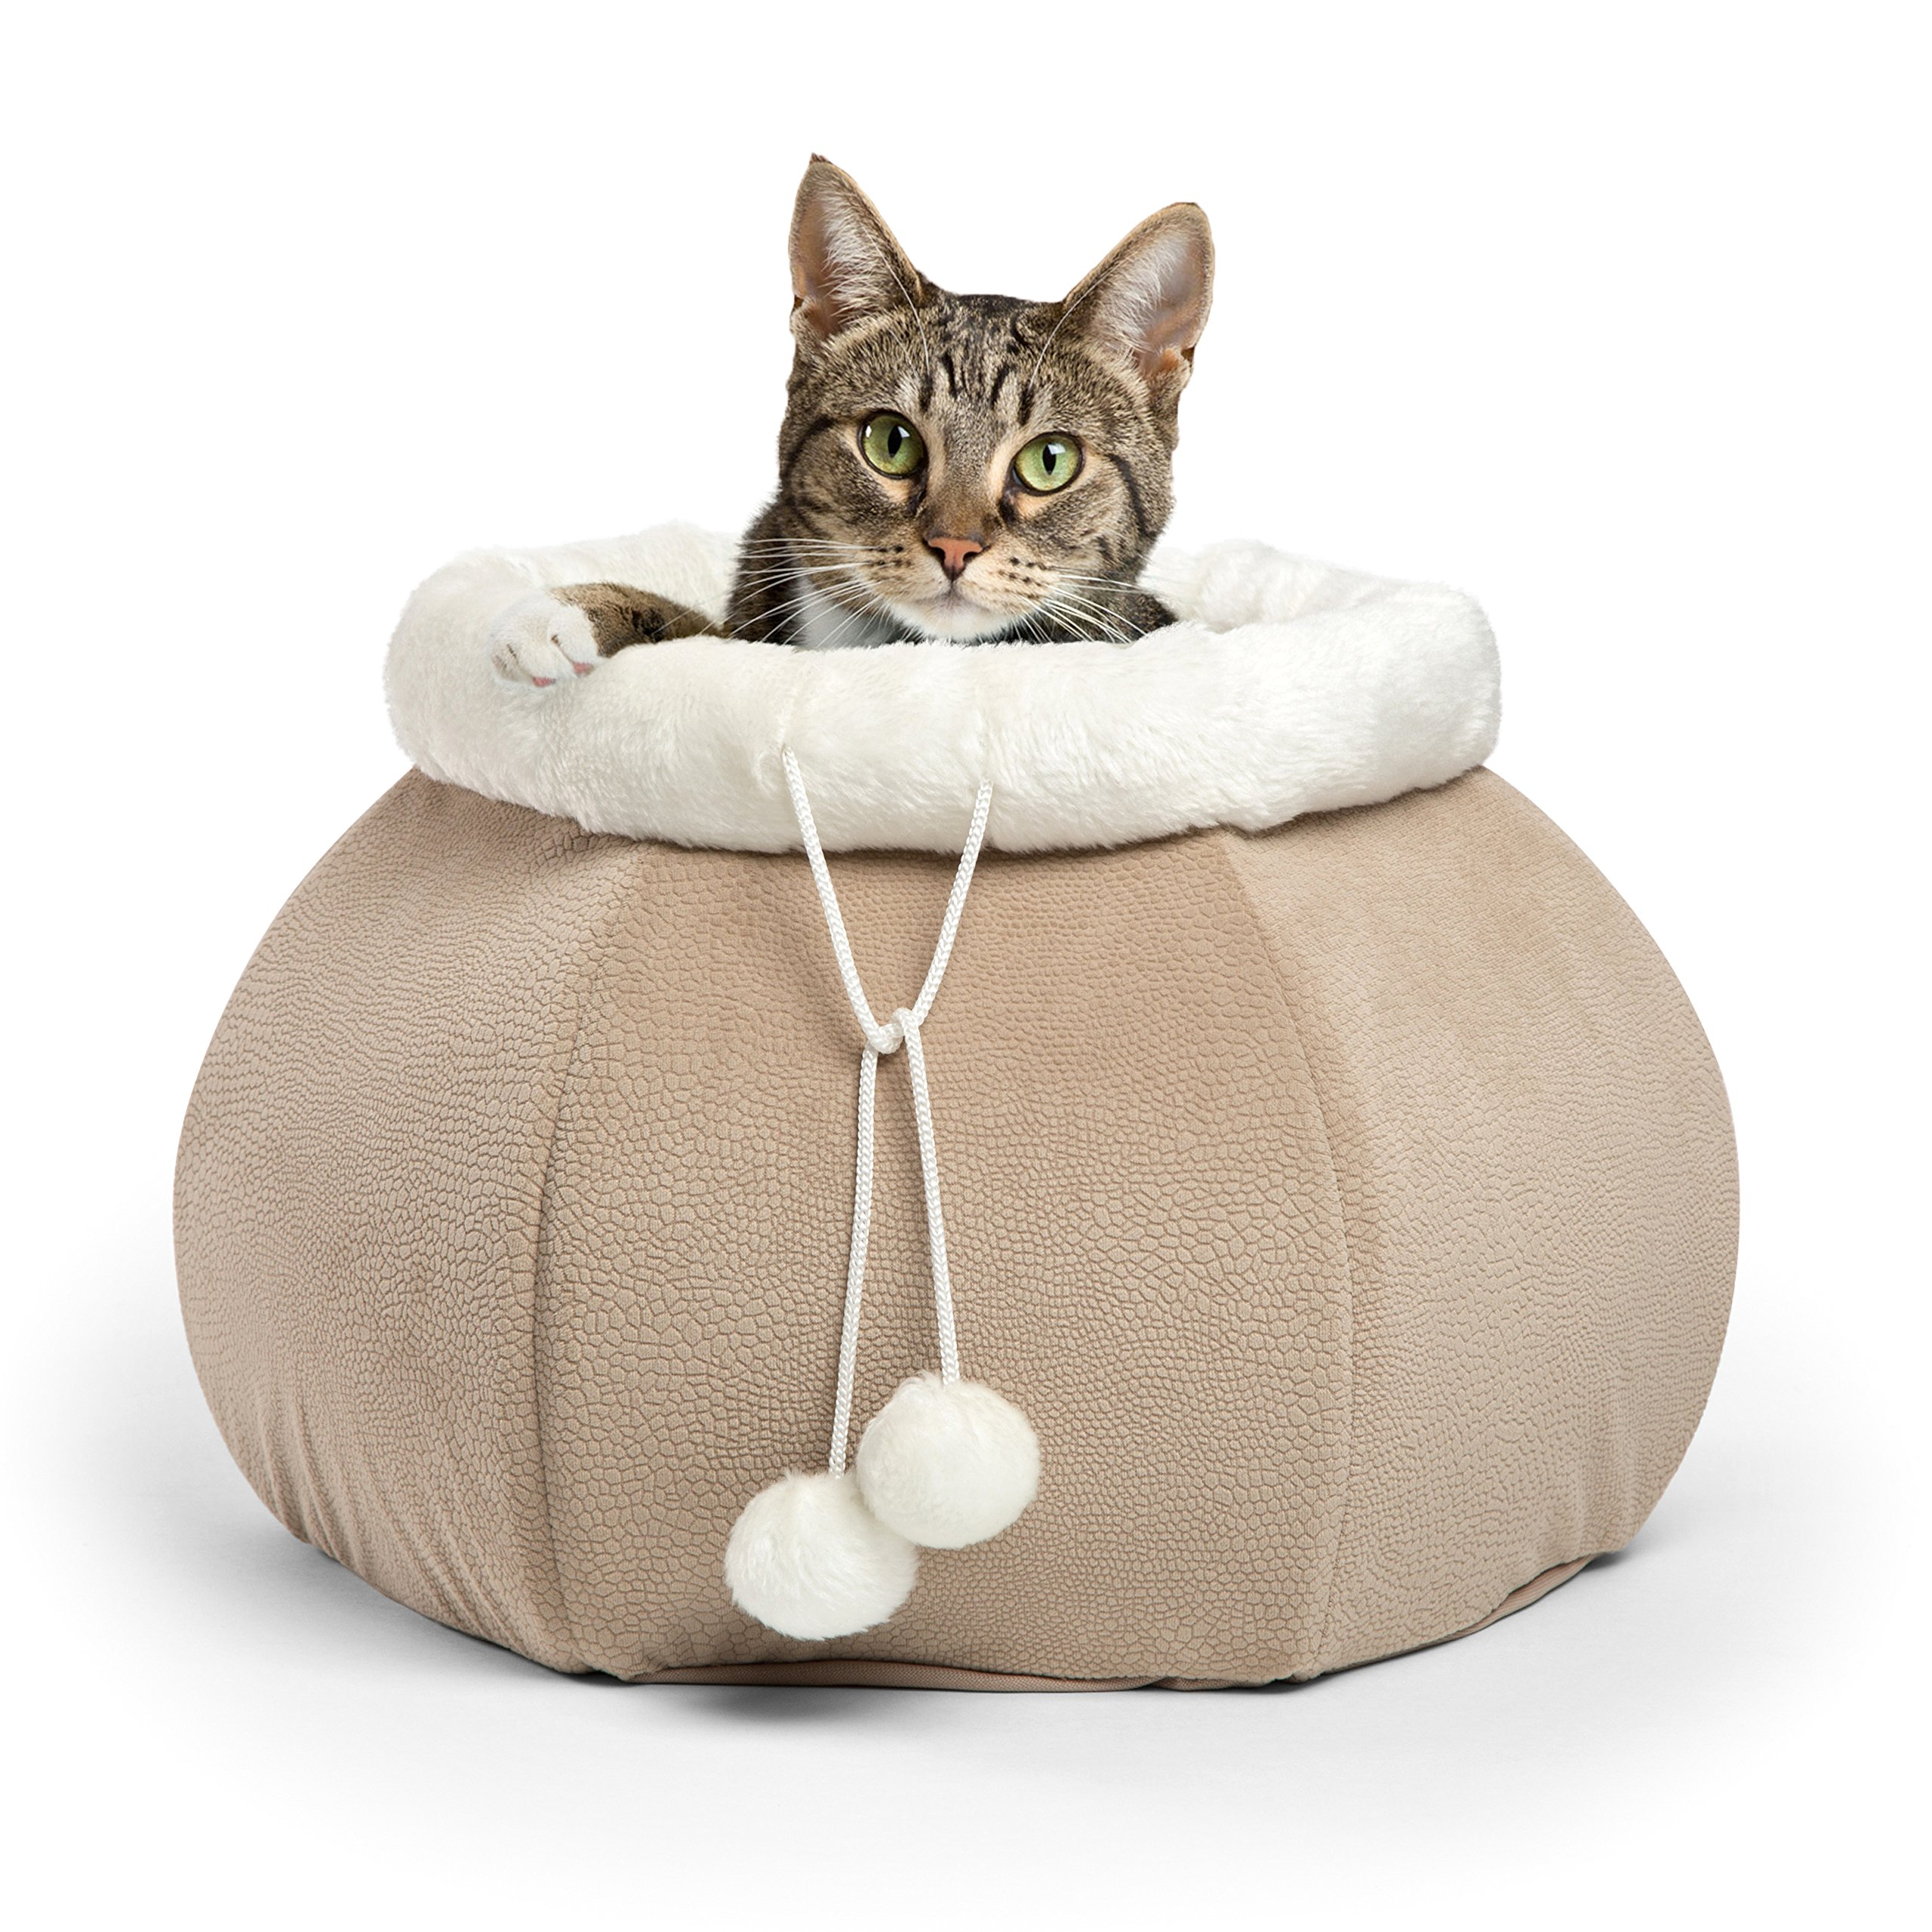 Best Friends by Sheri 4-in-1 Kitty Pouch-Cuddler in Ilan, Wheat, 14''x14''x10'' by Best Friends by Sheri